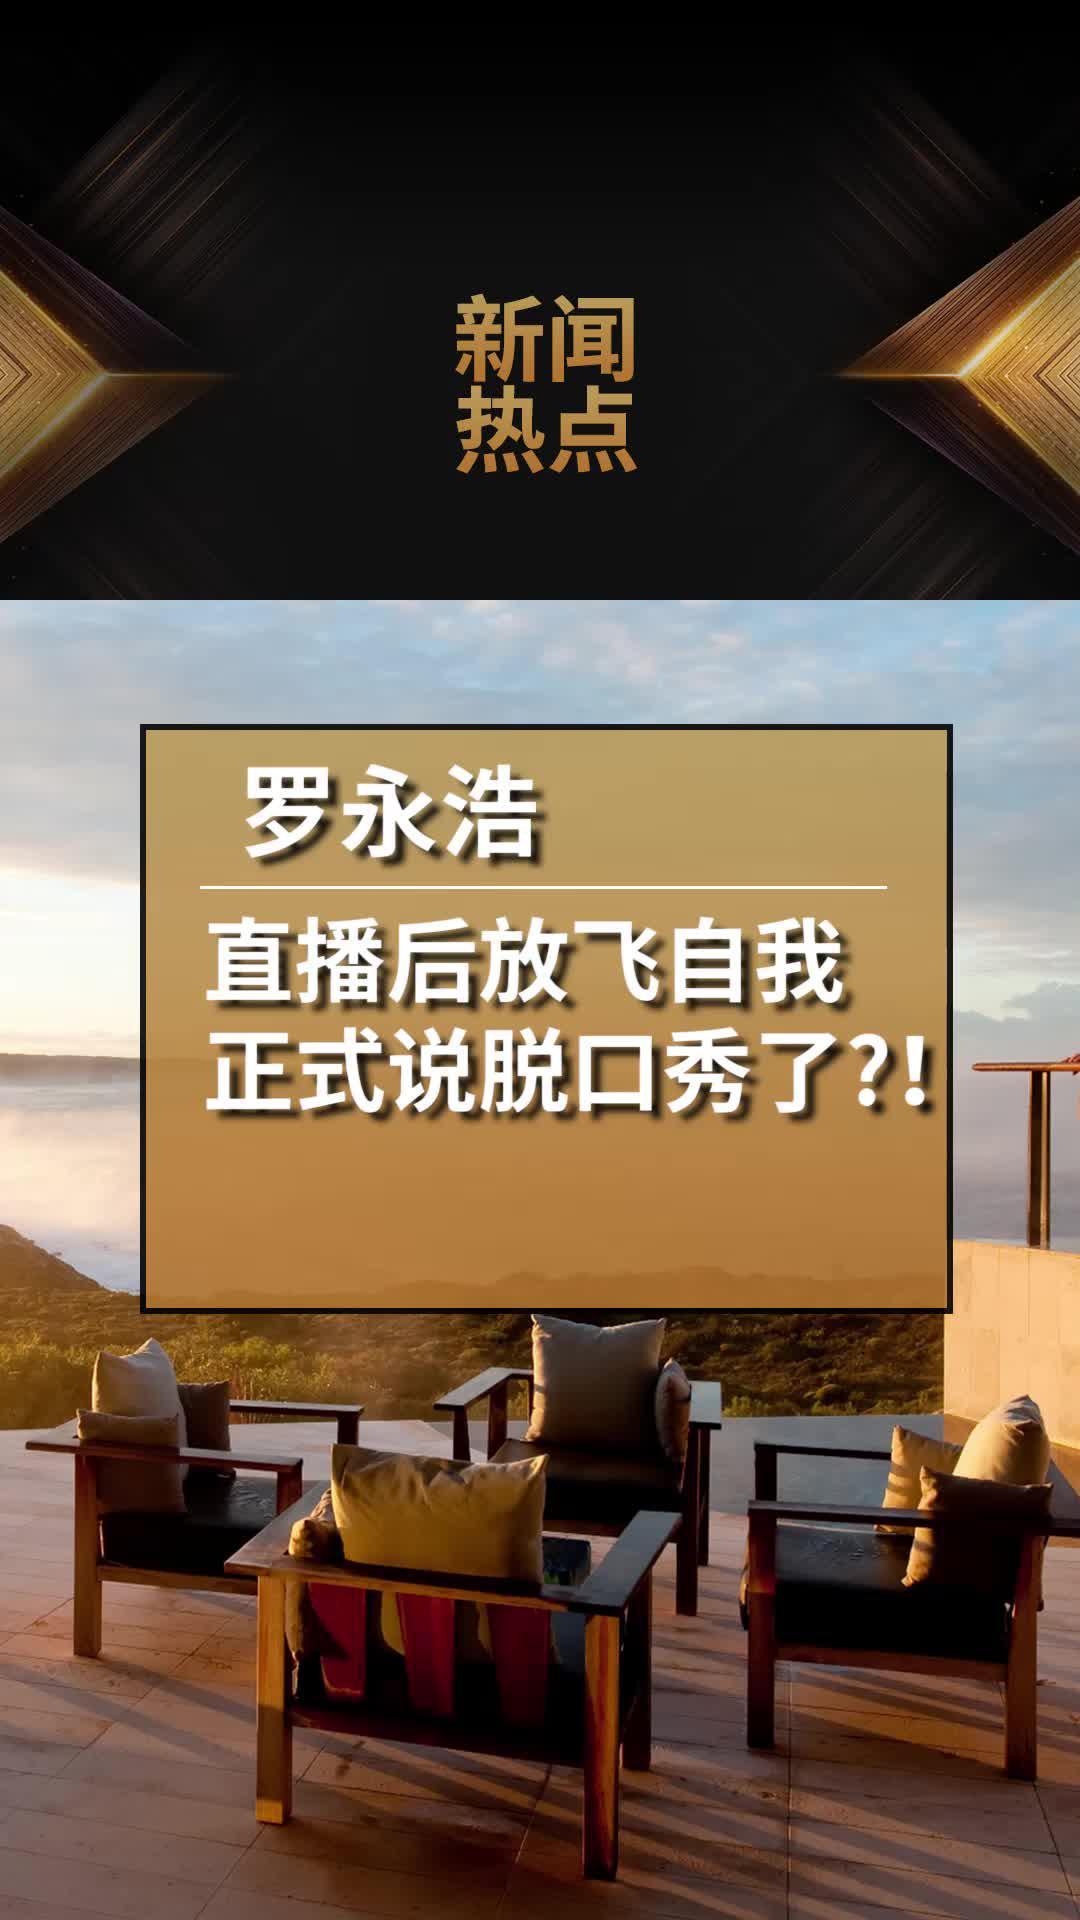 罗永浩正式官宣参加脱口秀大会,你期待老罗语录的更新么?